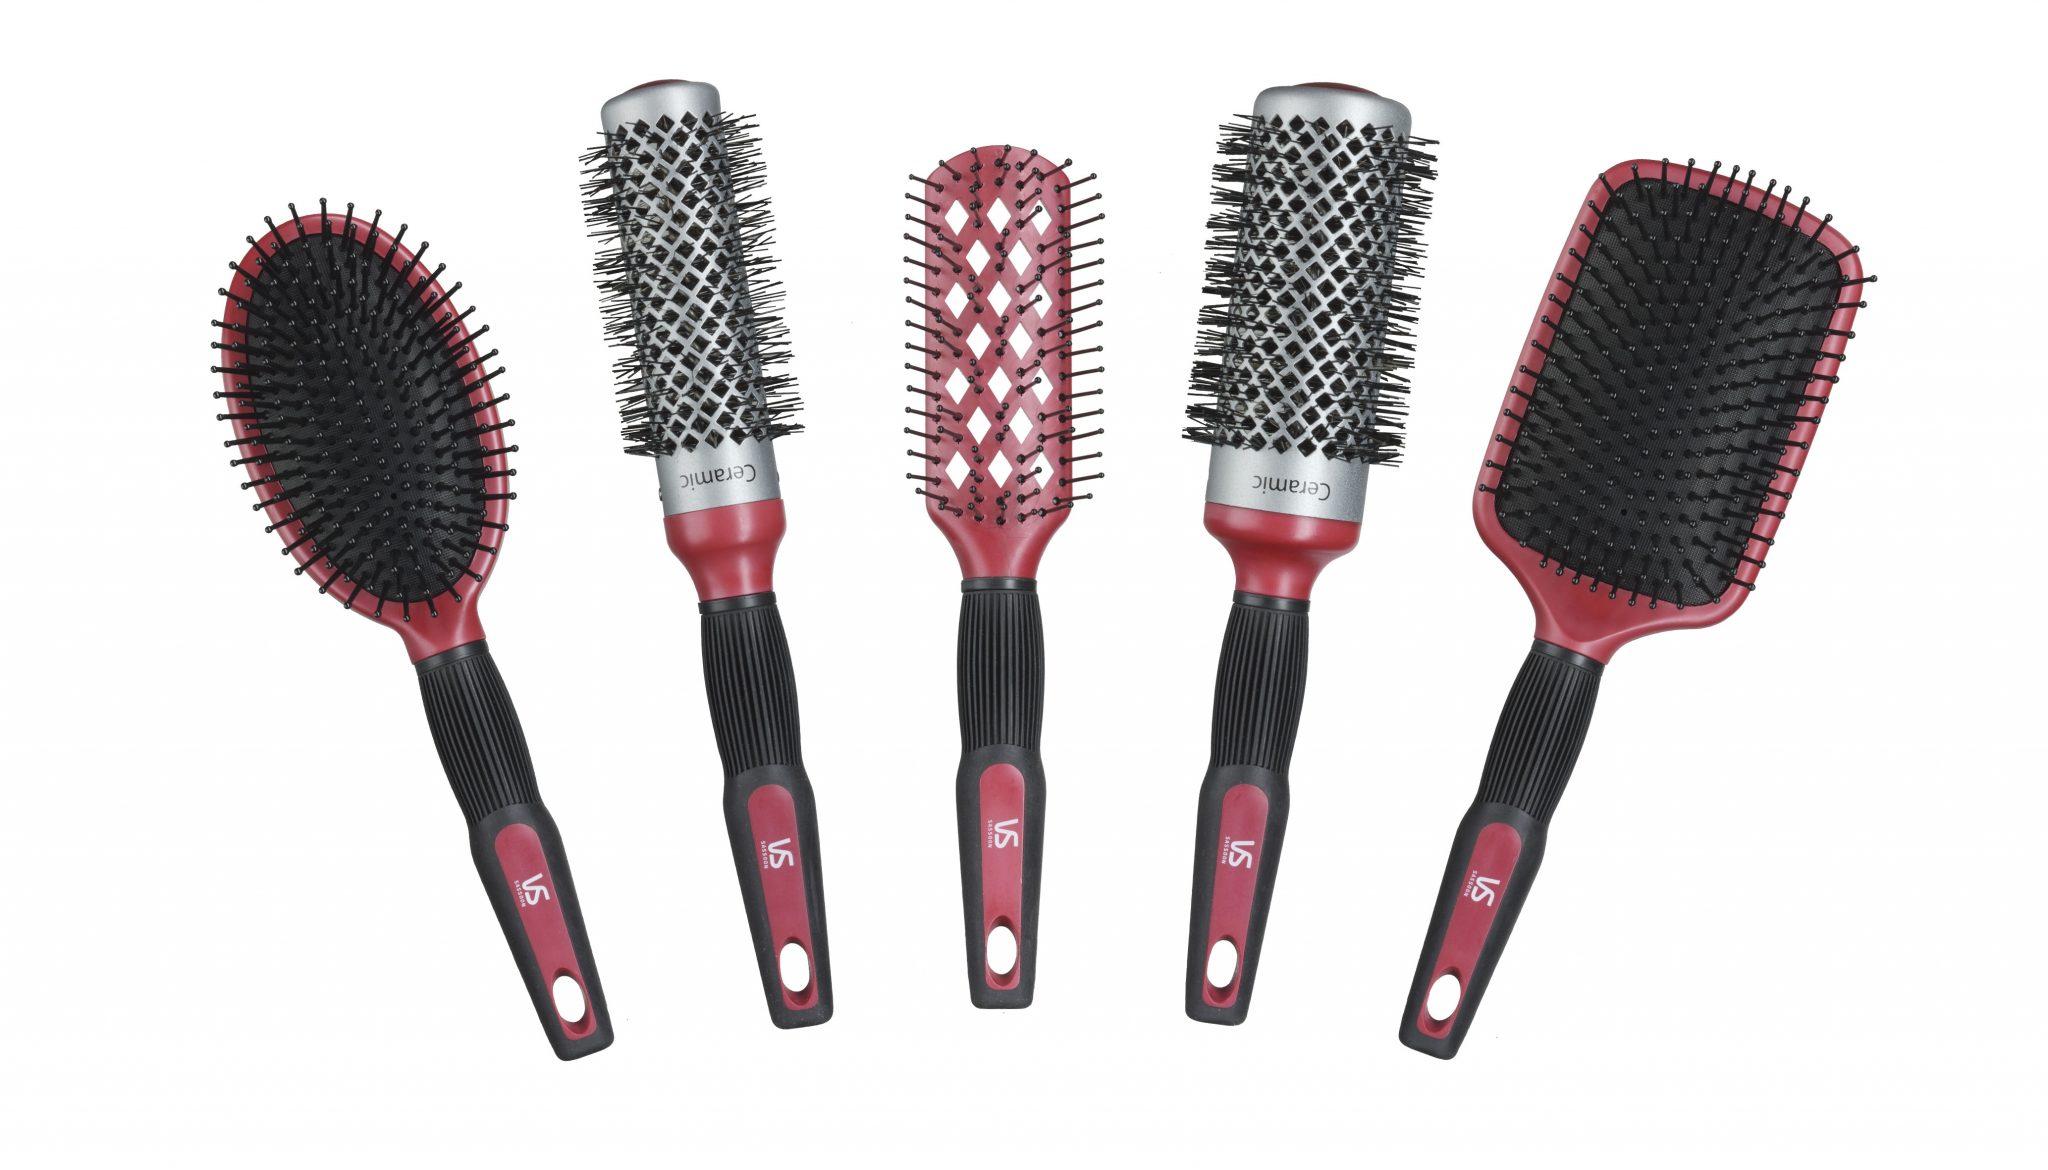 کدام برس برای کدام مو مناسب است؟-درست مصرف کنیم - آموزش همگانی - آگاهی مصرف